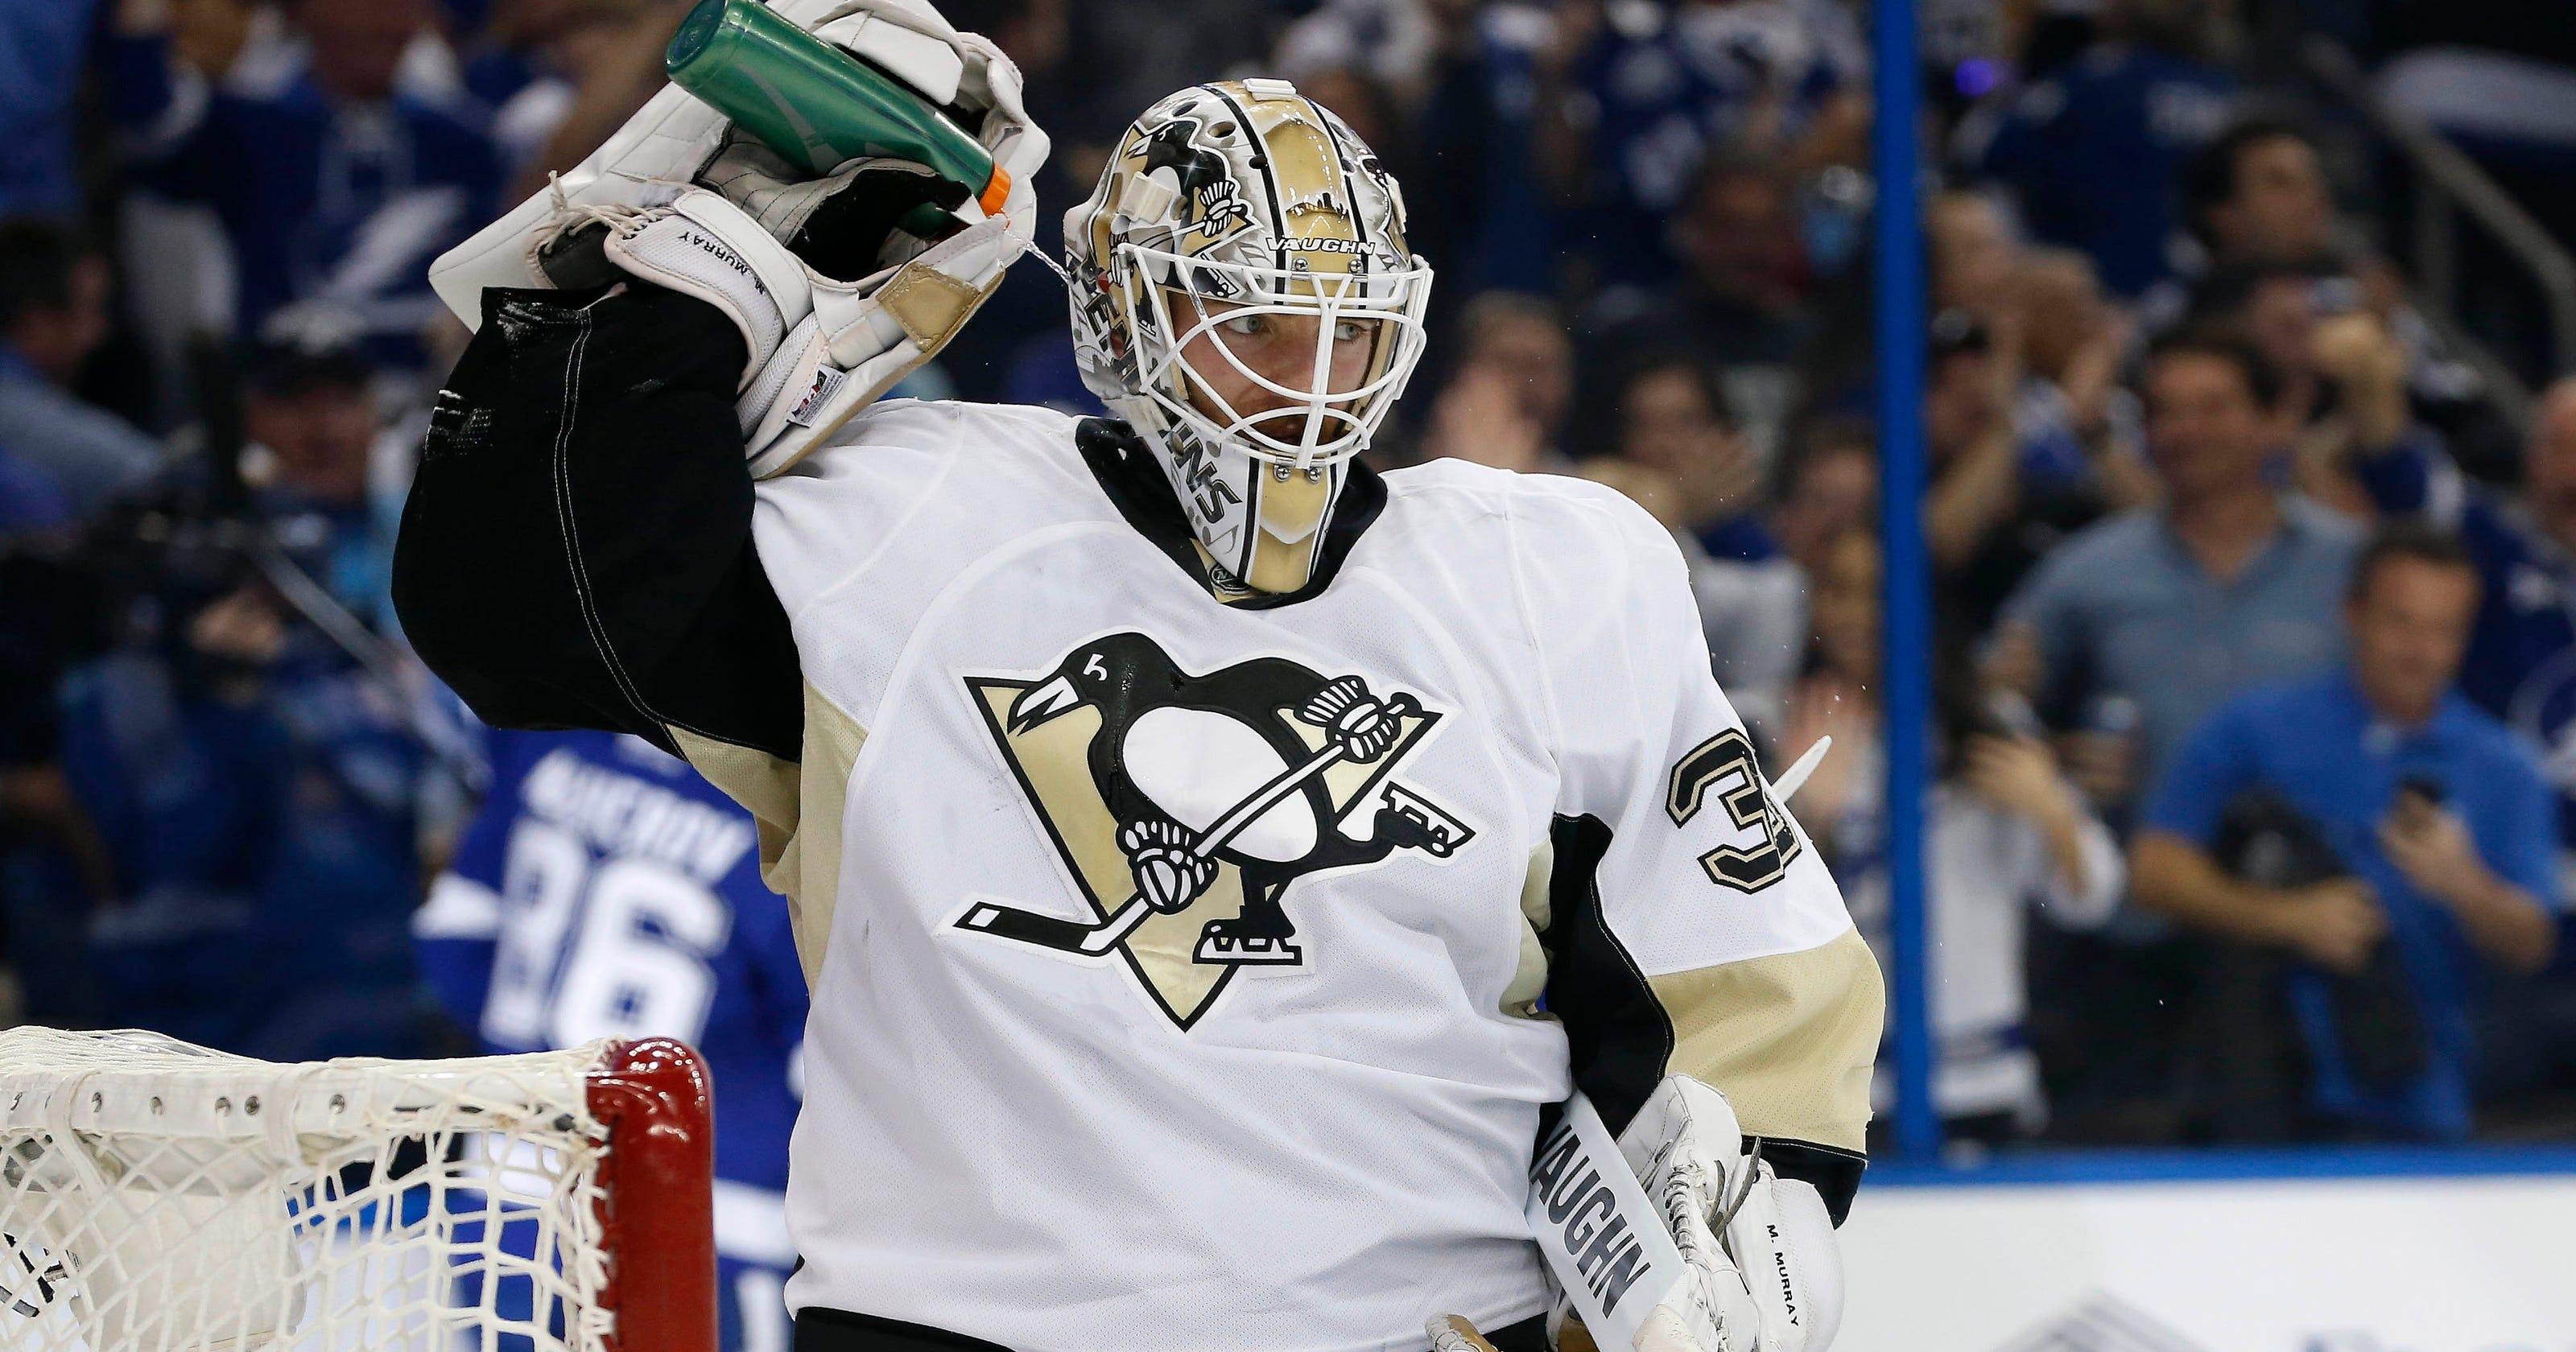 timeless design 904fa 08b1c Penguins go back to Matt Murray for do-or-die Game 6